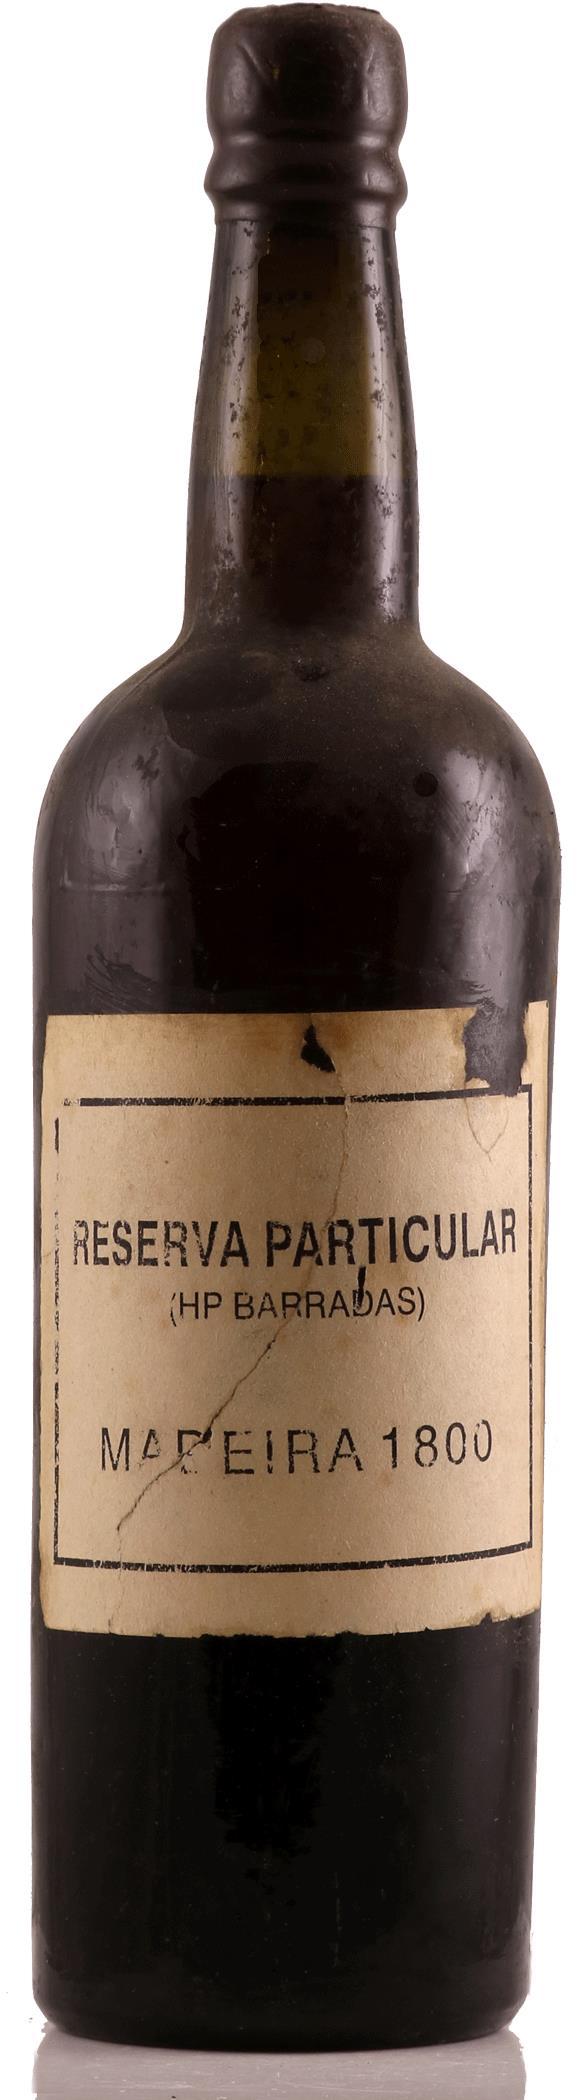 Madeira 1800 HP Barradas